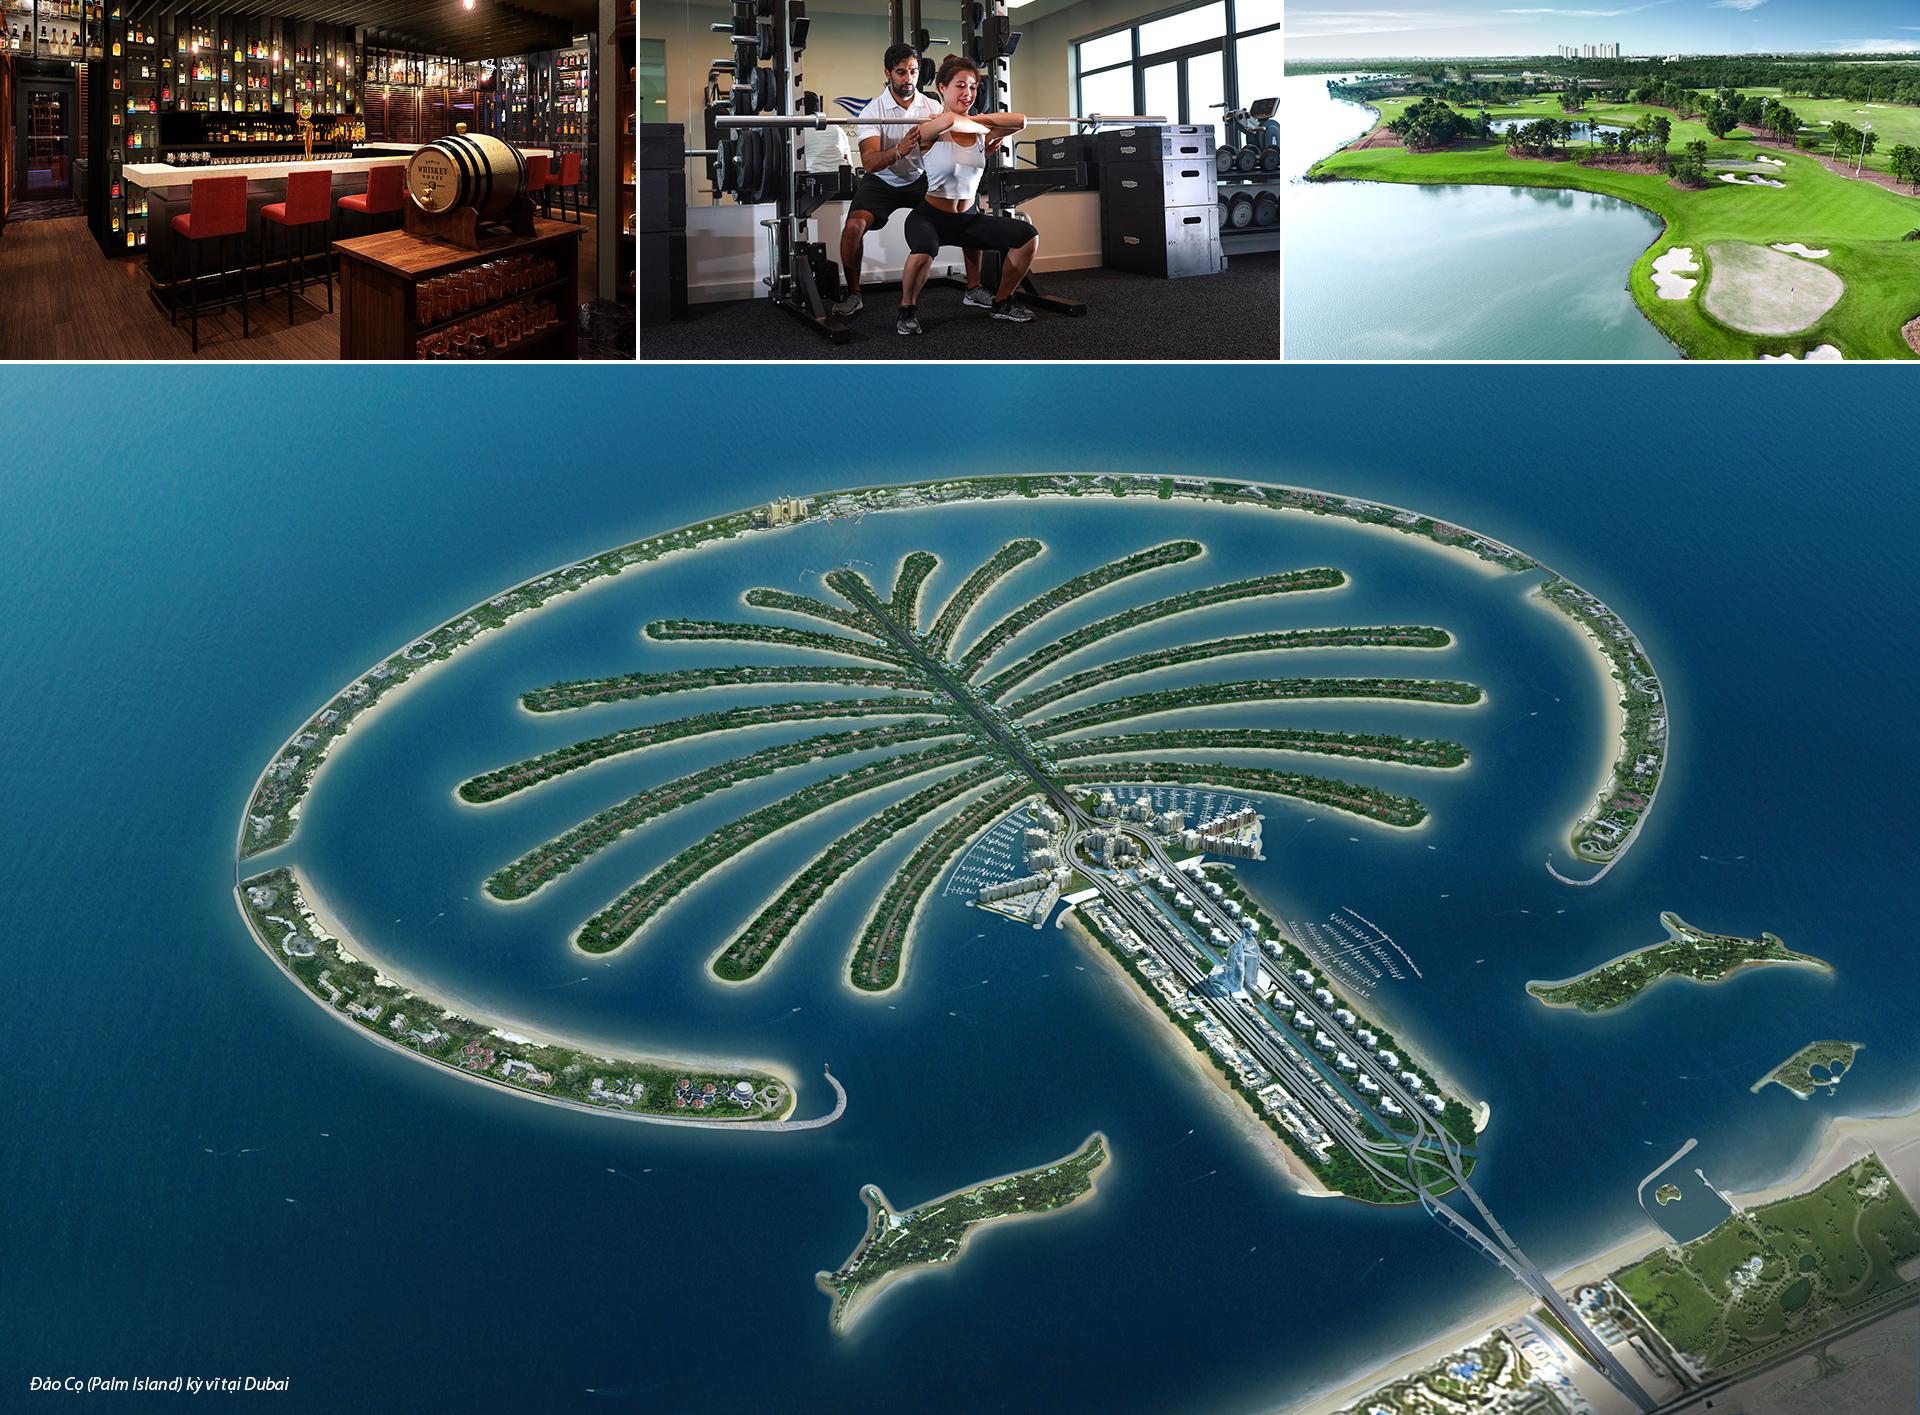 pic large 3 2 1530169372 VnEx - Cuộc sống thượng lưu tại biệt thự đảo triệu đô Ecopark Grand -The Island